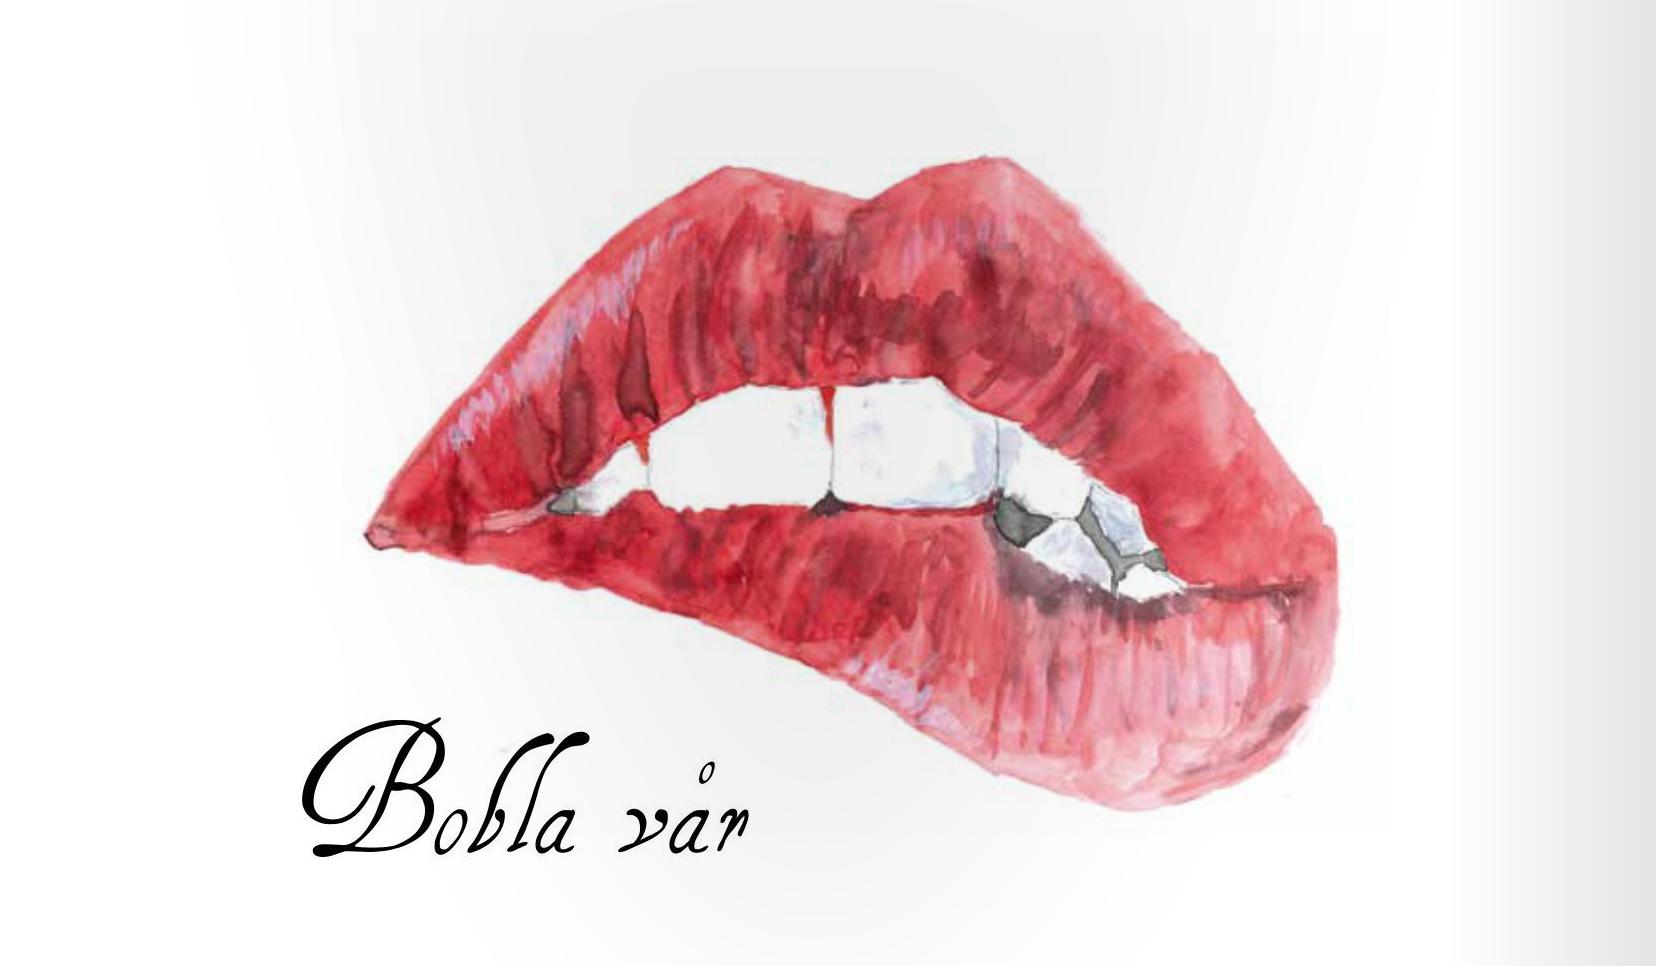 Erotisk novelle: Bobla vår